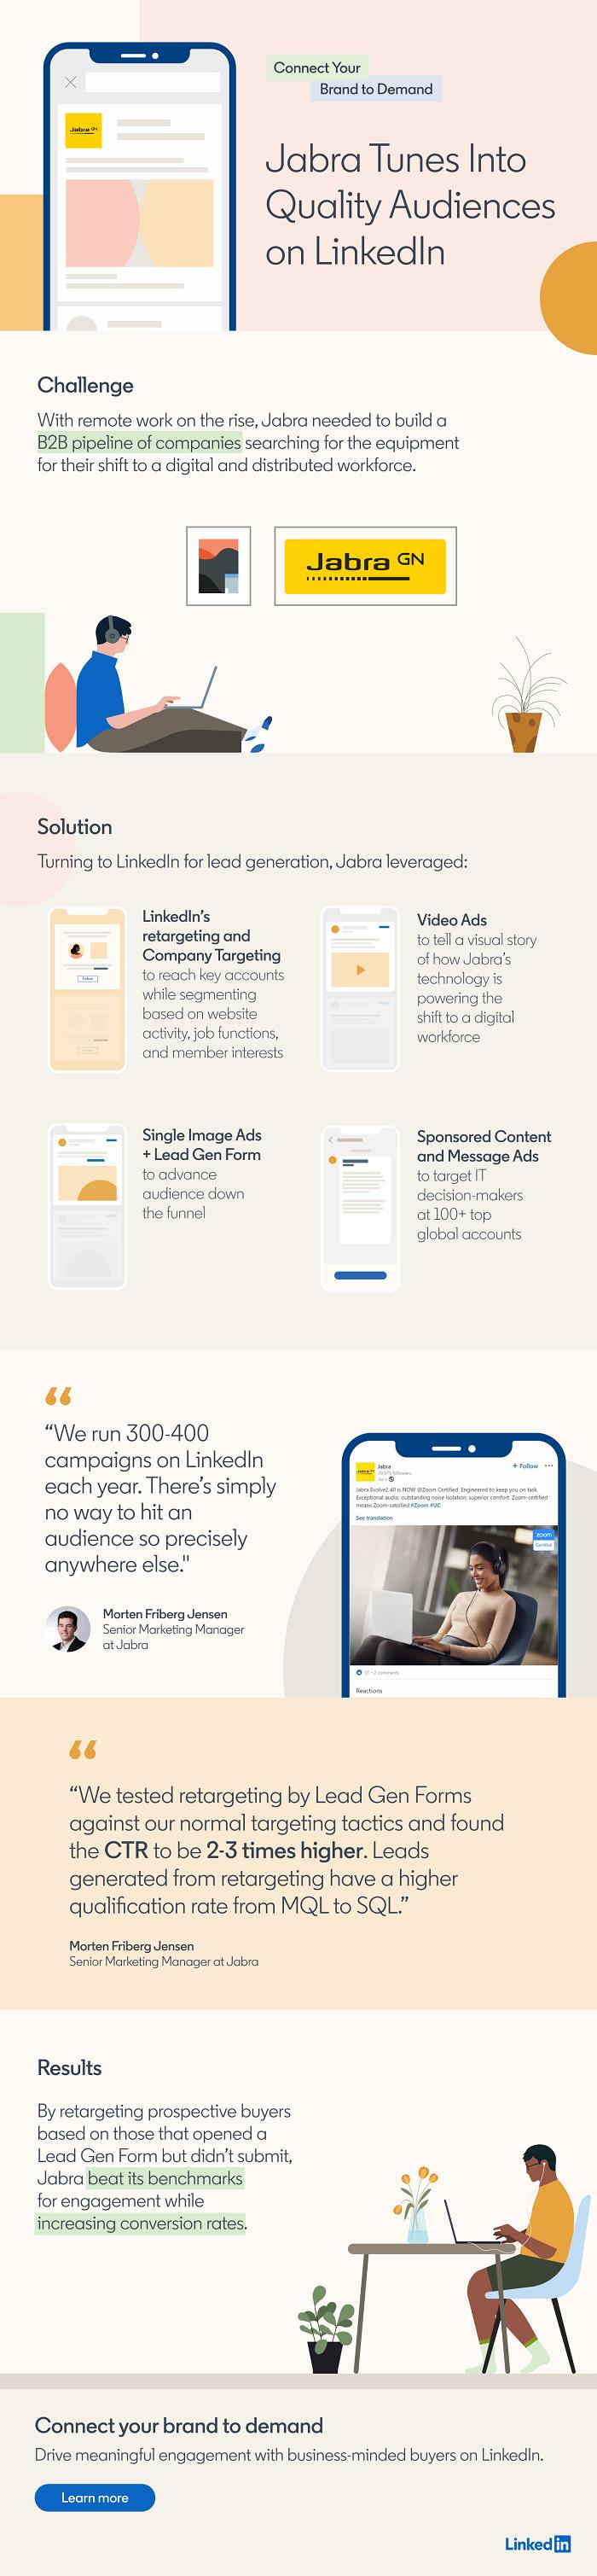 LinkedIn Jabra case study